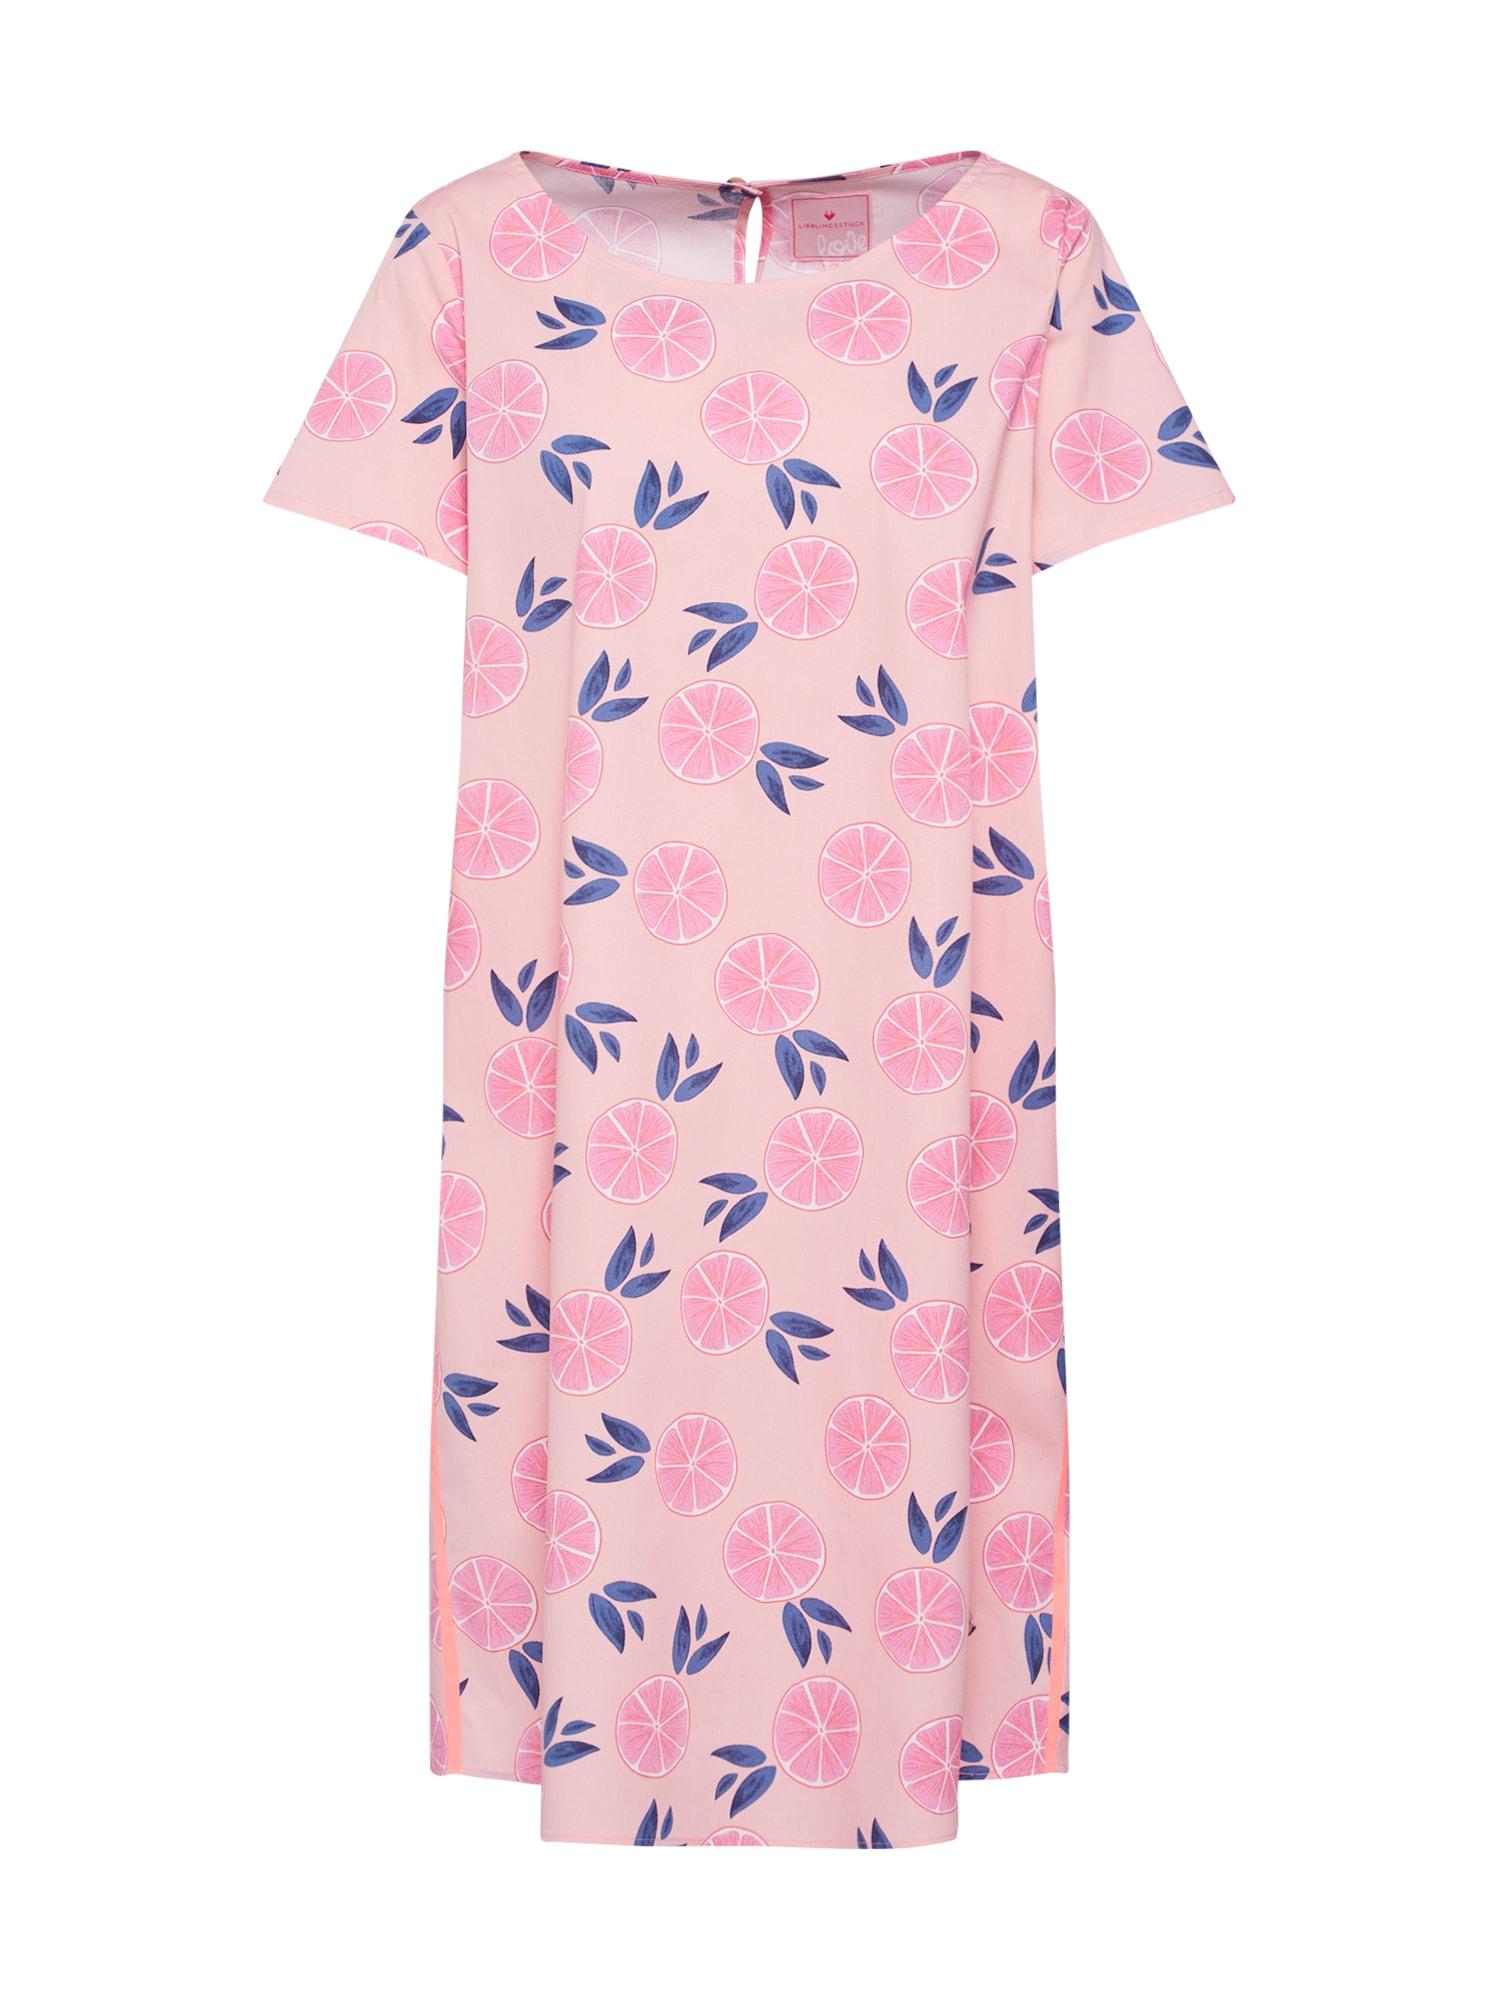 Šaty Elna mix barev pink LIEBLINGSSTÜCK